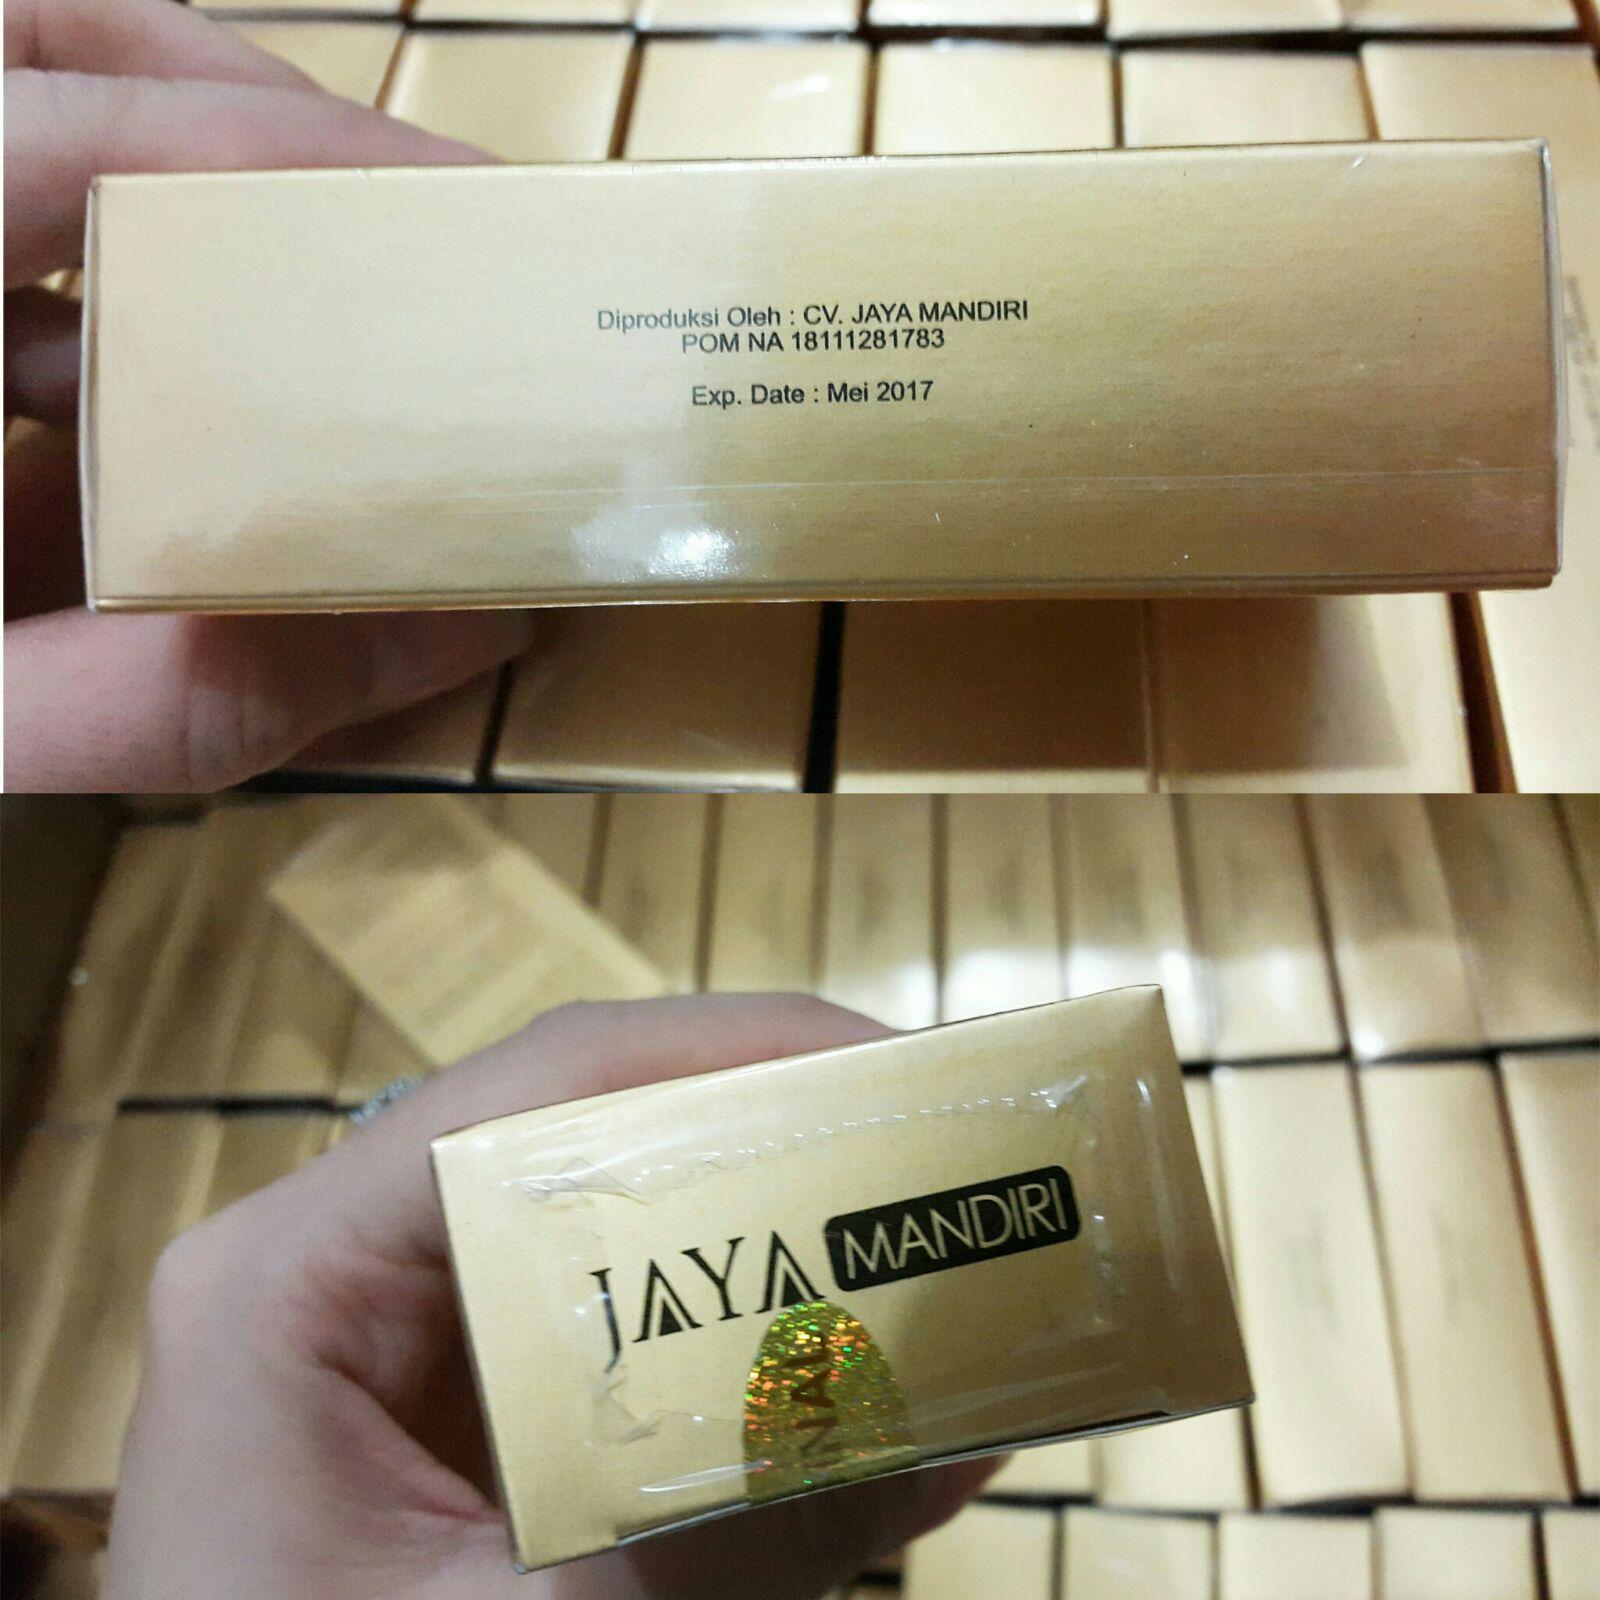 SERUM GOLD WHITENING CV JAYA MANDIRI Serum Gold ORIGINAL